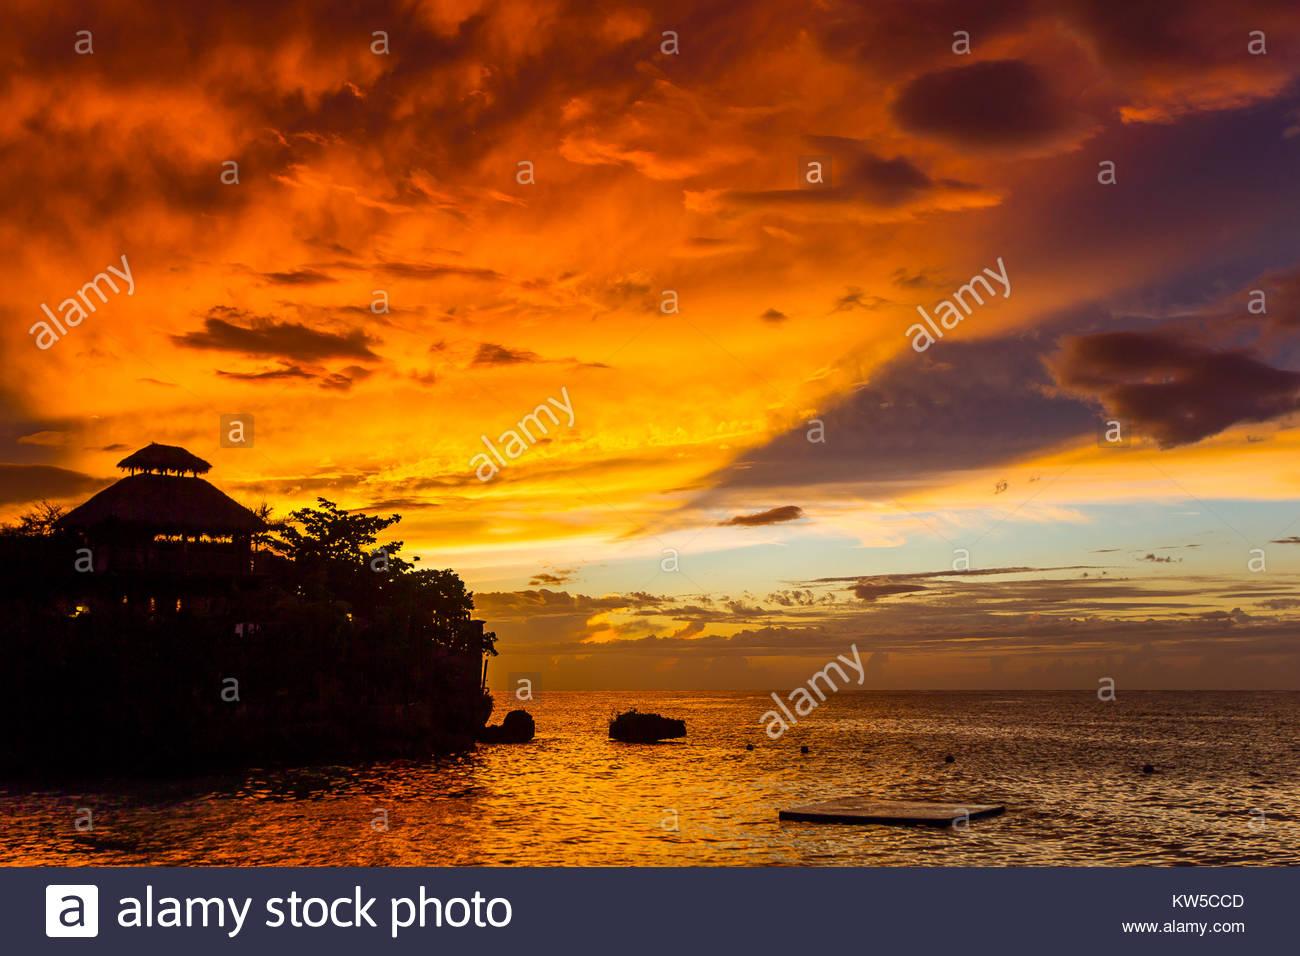 Un fiery sky pendant un coucher de soleil spectaculaire à Ocho Rios, Jamaïque. Photo Stock